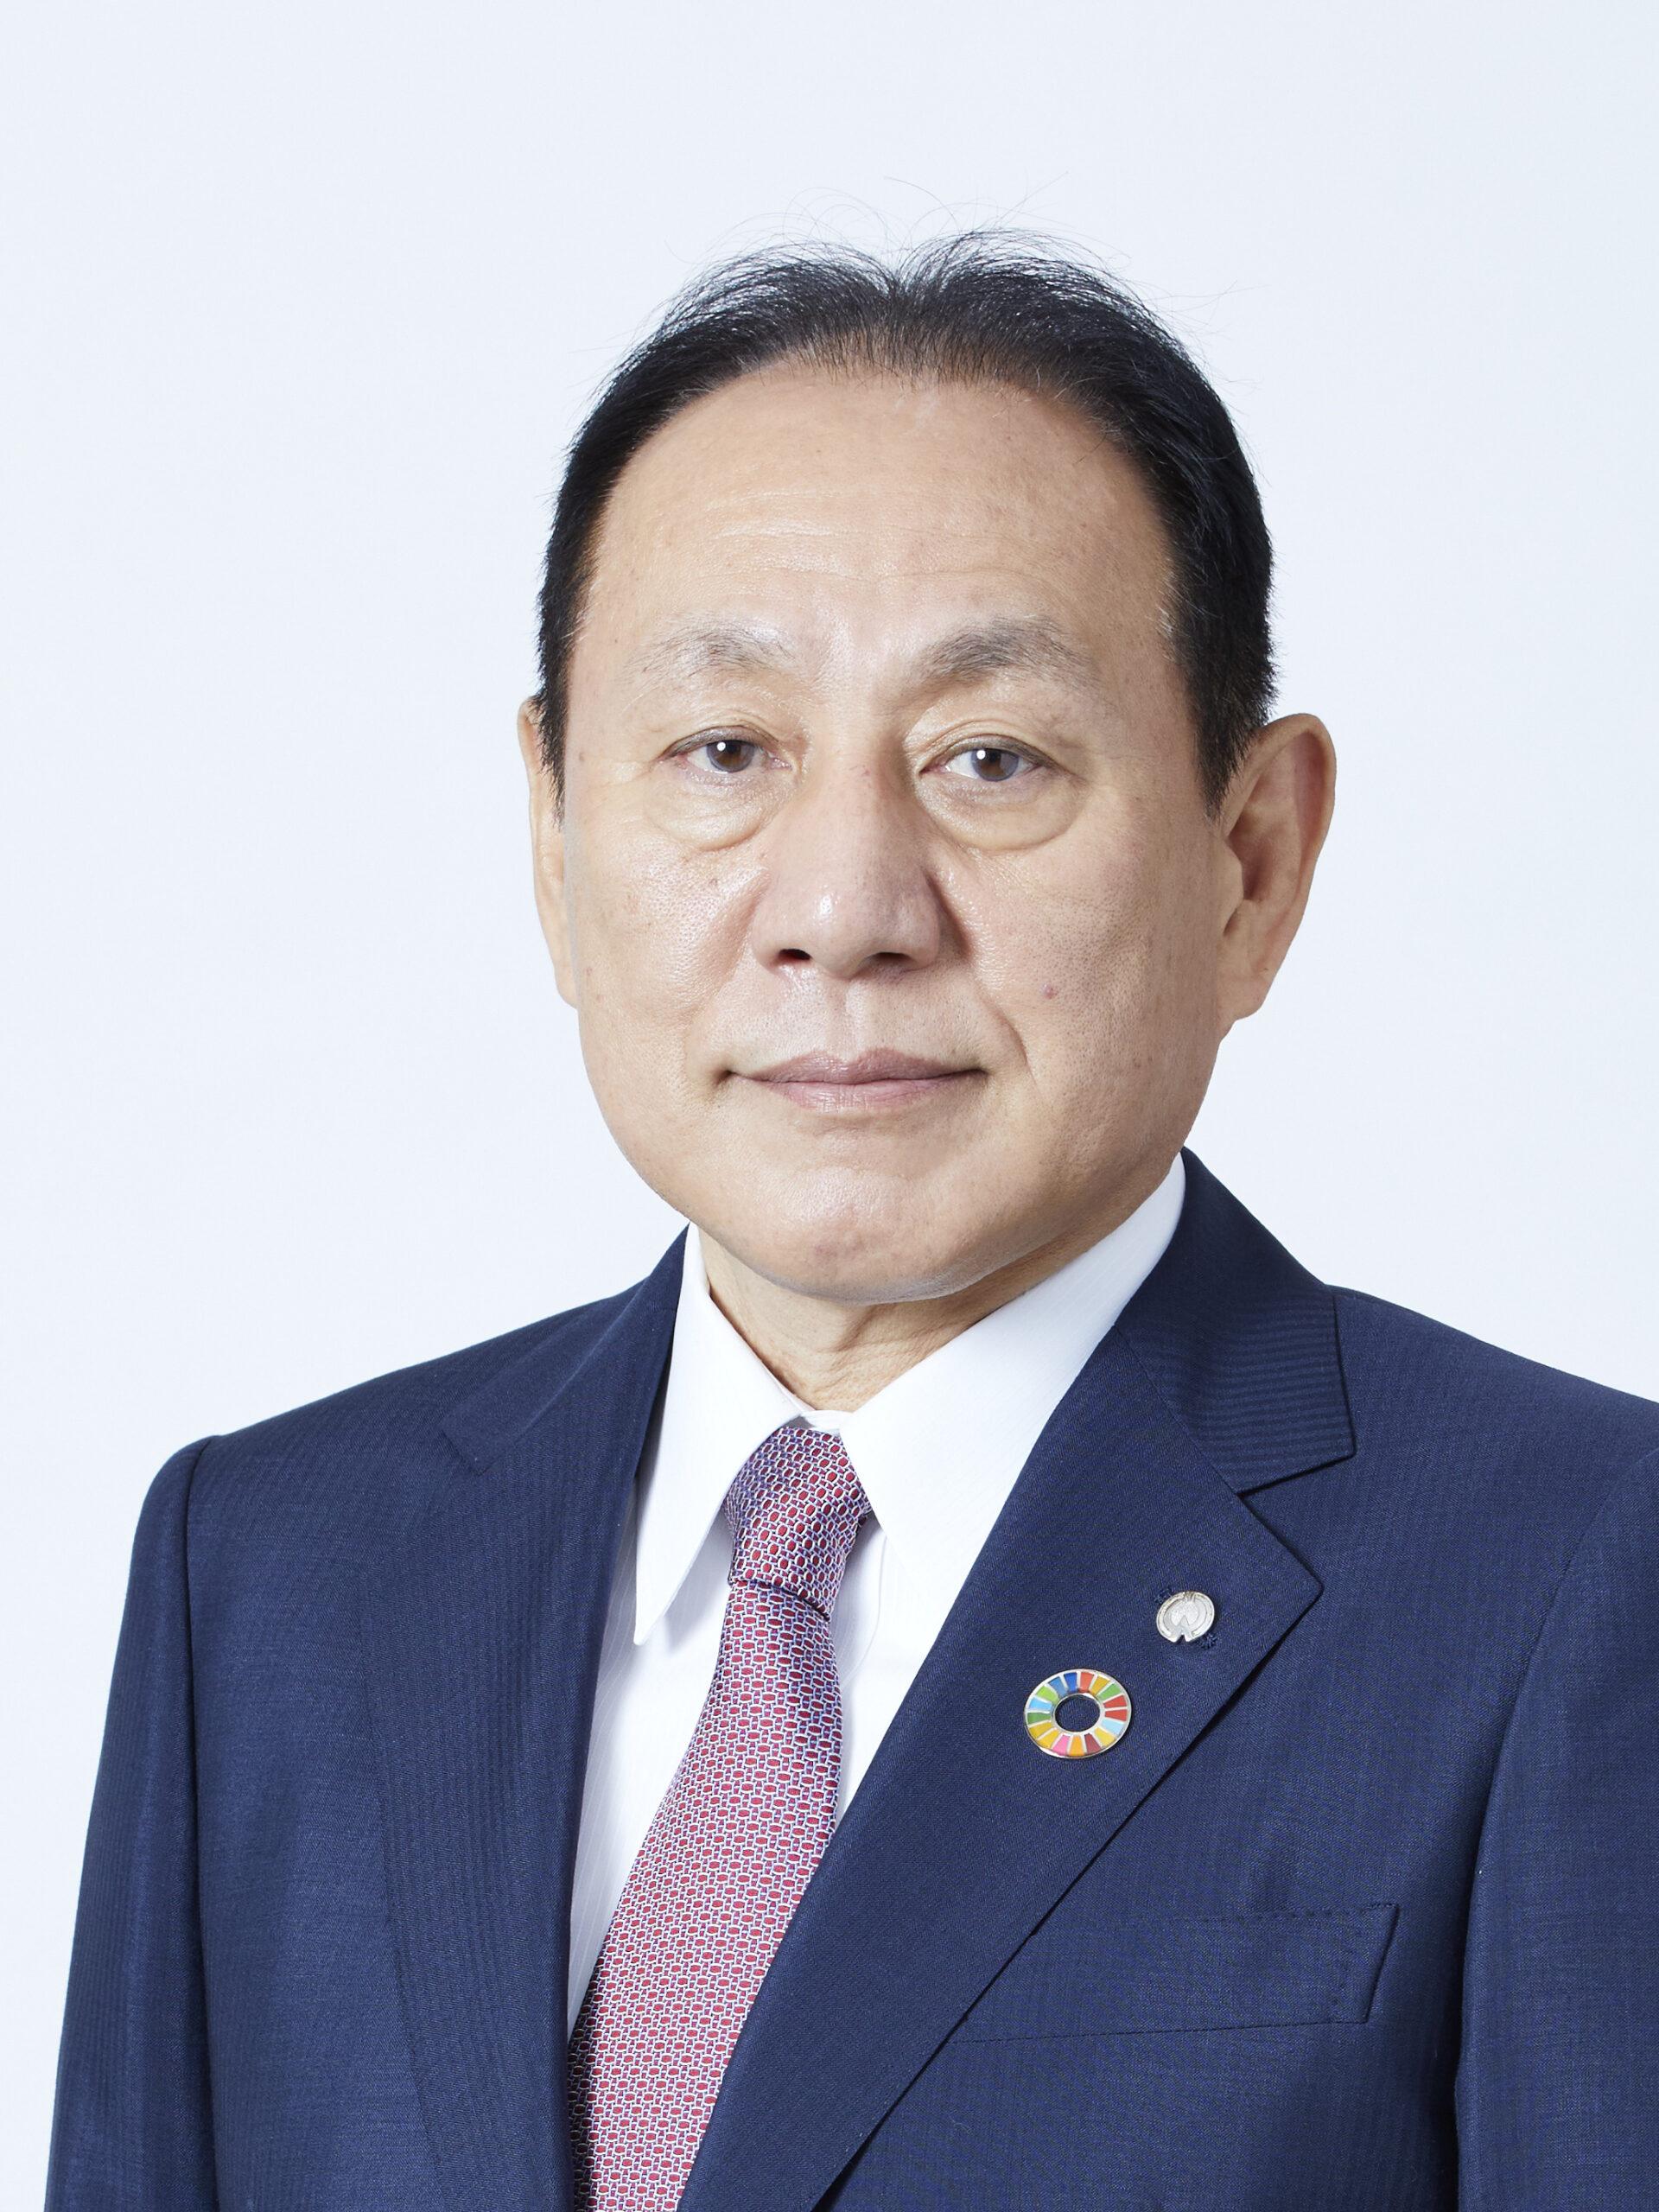 住団連新会長に芳井敬一・大和ハウス社長―木材・鋼材価格の上昇など、喫緊に対応